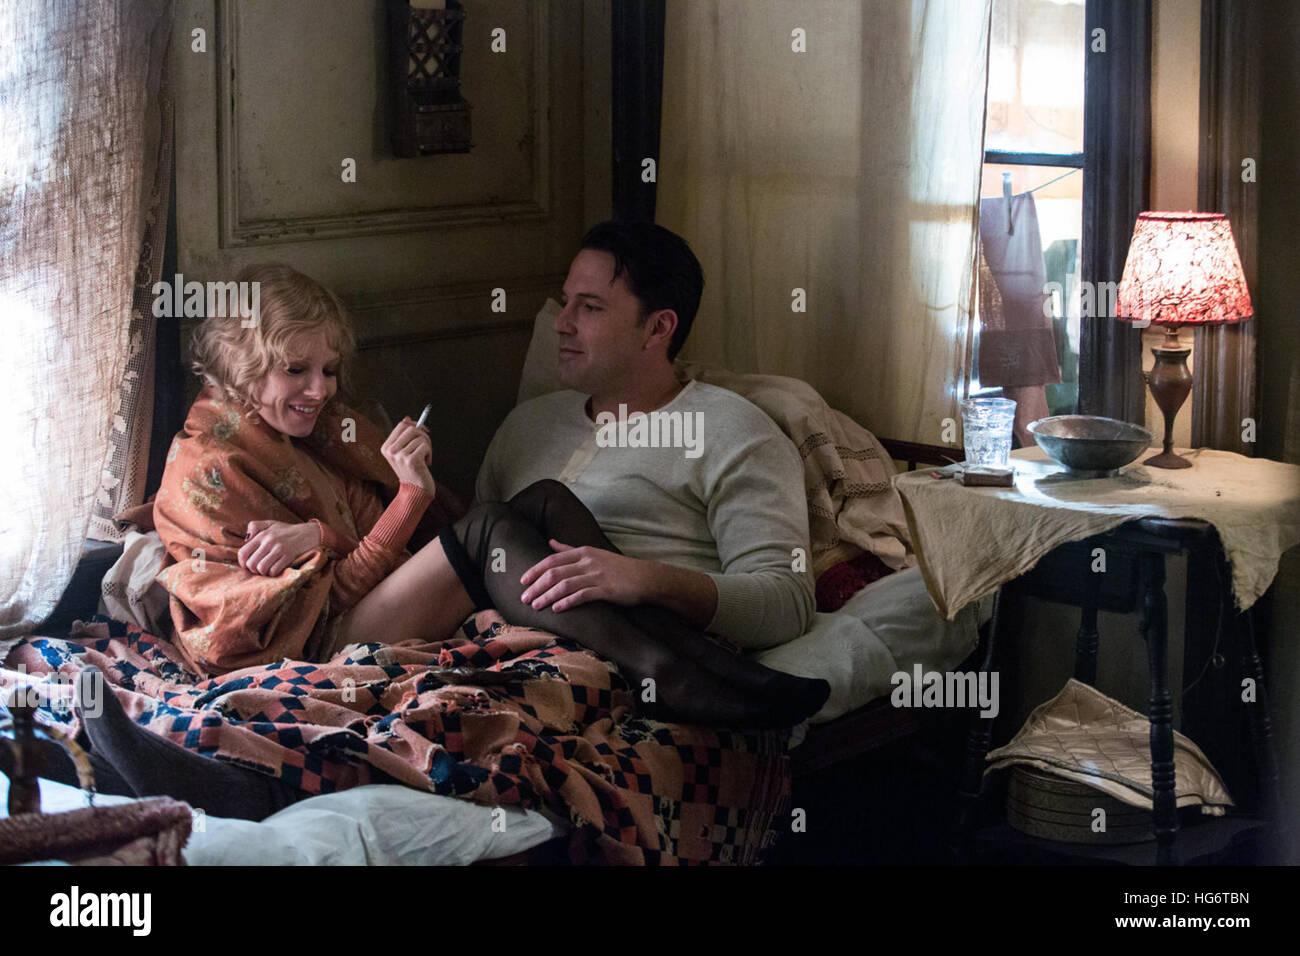 Vivre la nuit est un film américain de 2016 écrit, dirigé, co-produit par et mettant en vedette Ben Photo Stock